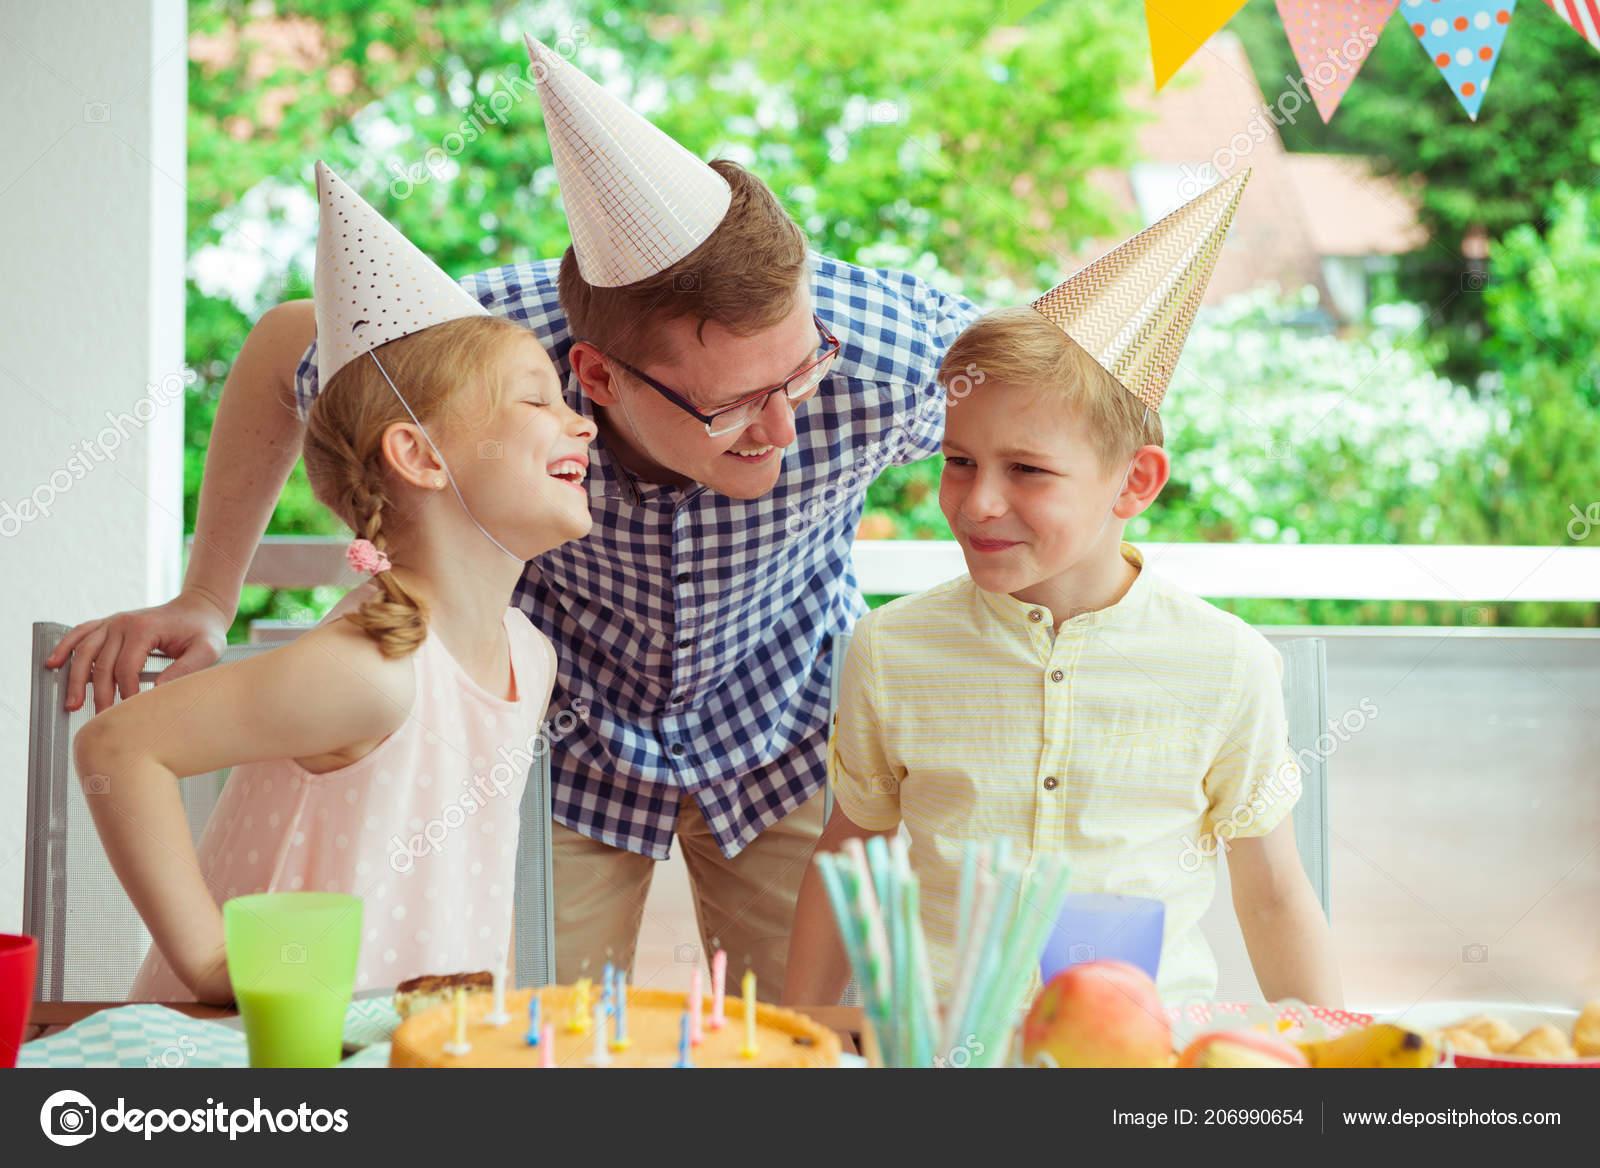 Retrato Familia Joven Feliz Celebrar Cumpleaños Colorida